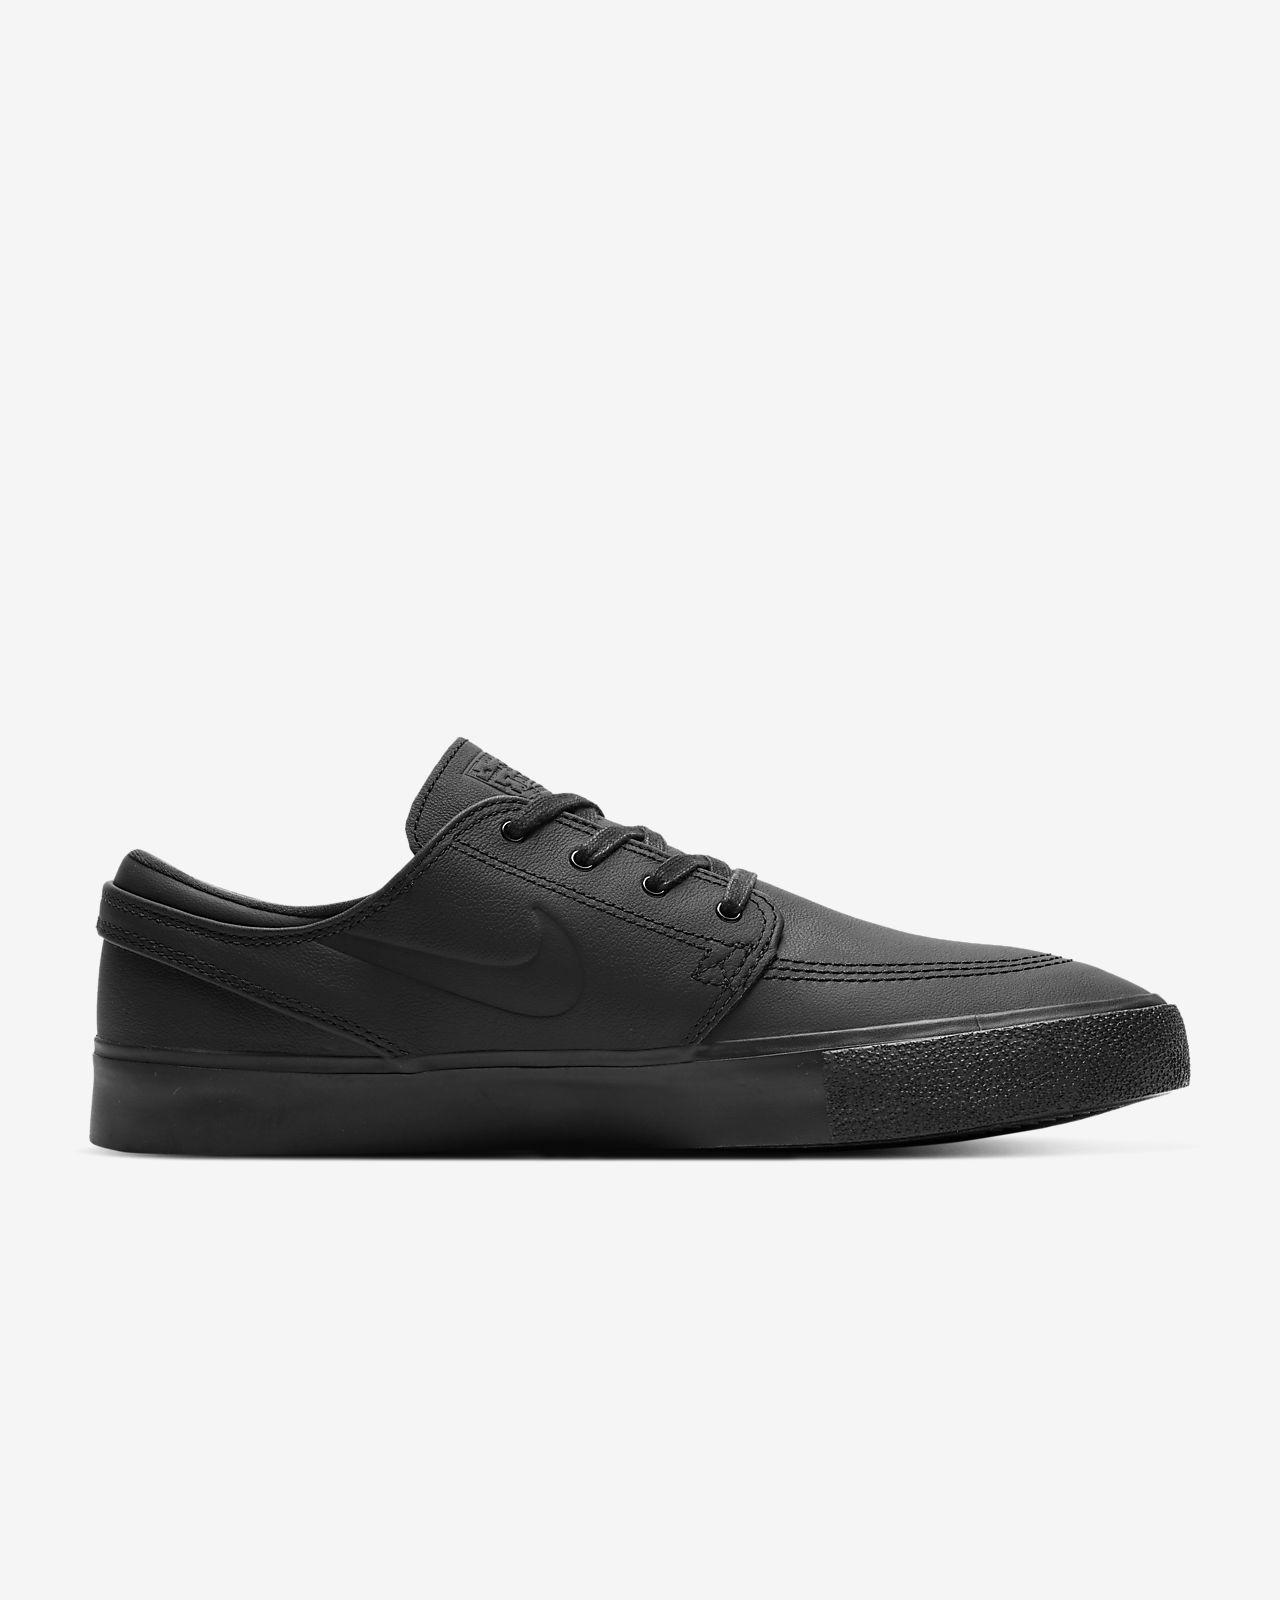 Nike SB Stefan Janoski Shoes Black